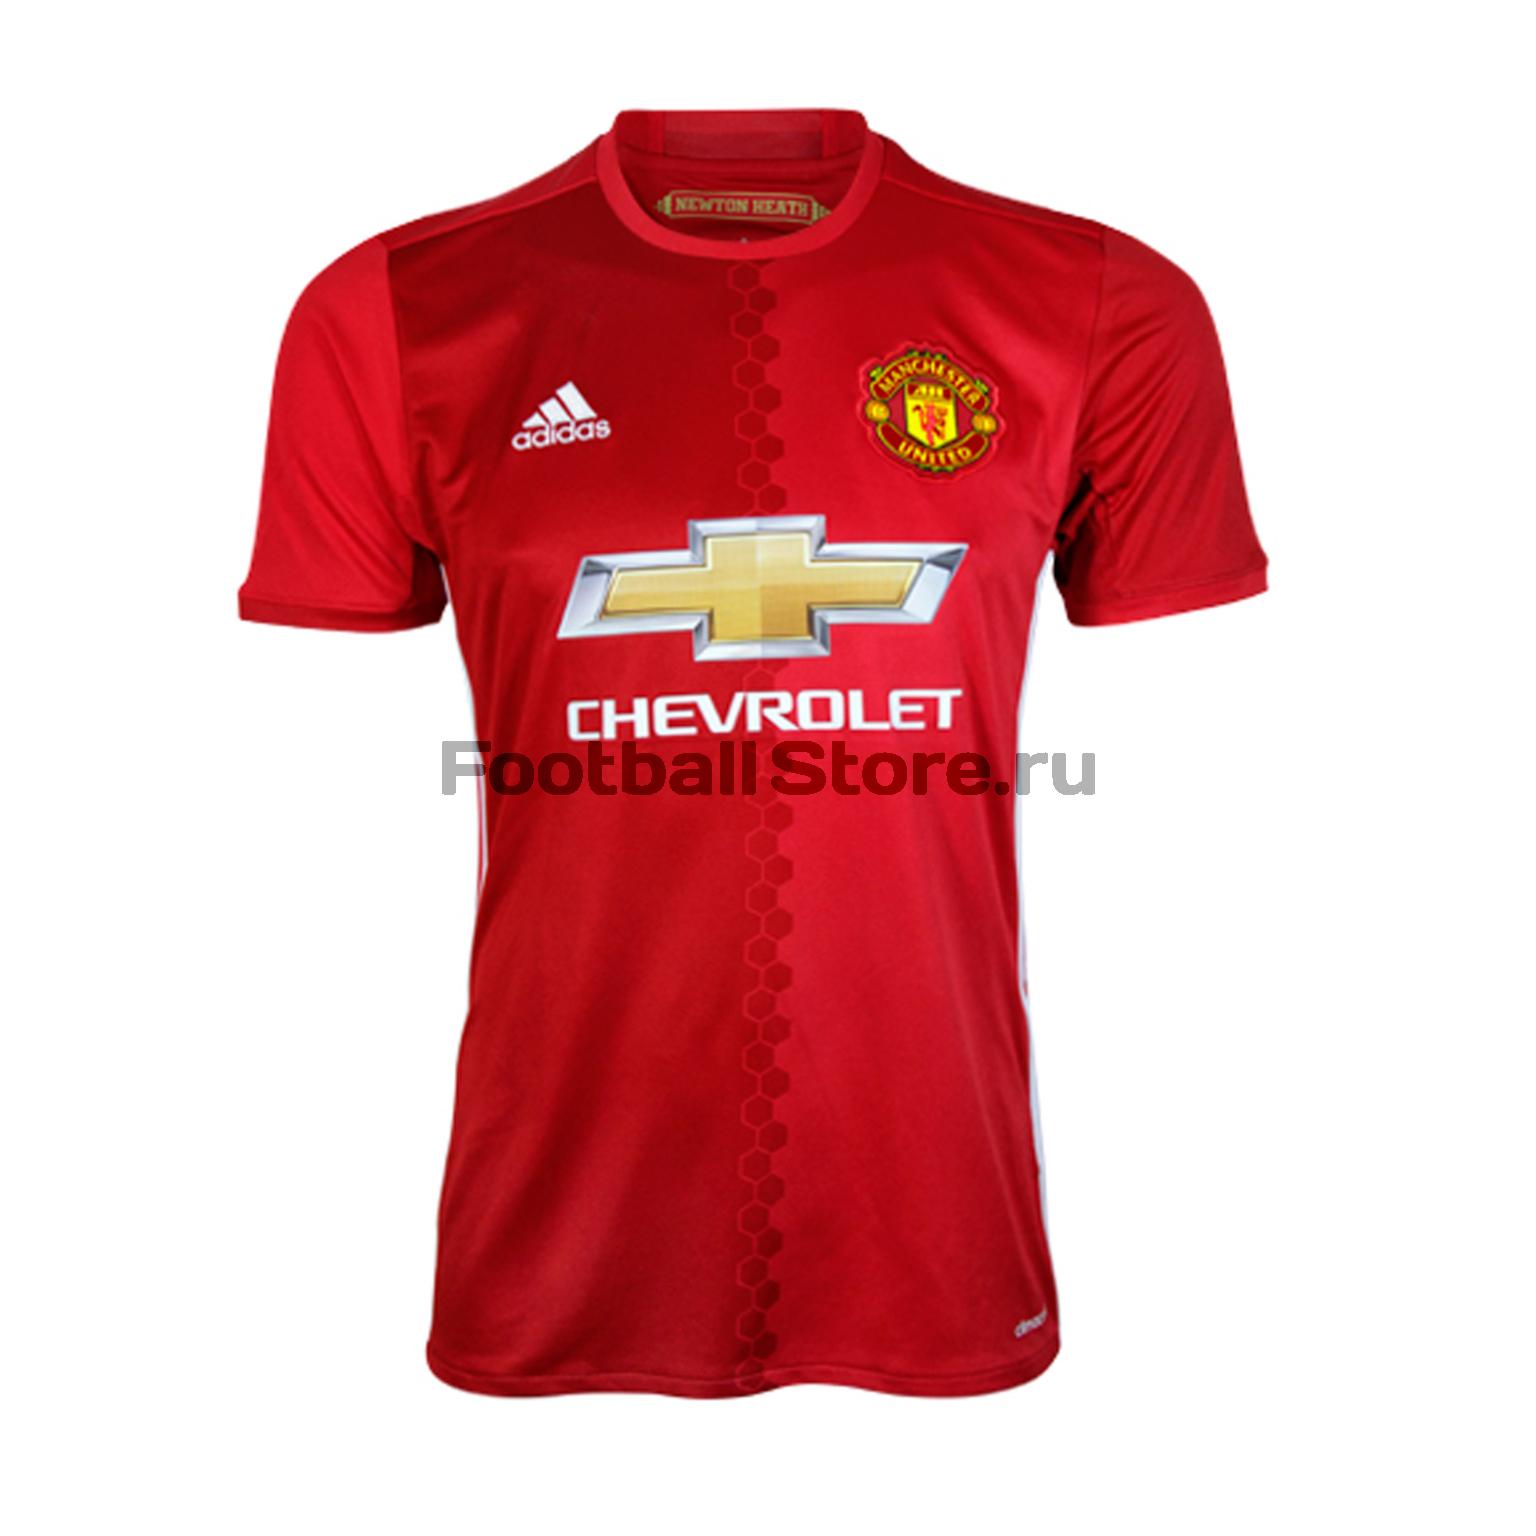 Клубная продукция Adidas Футболка подростковая Adidas Manchester United Home AI6716